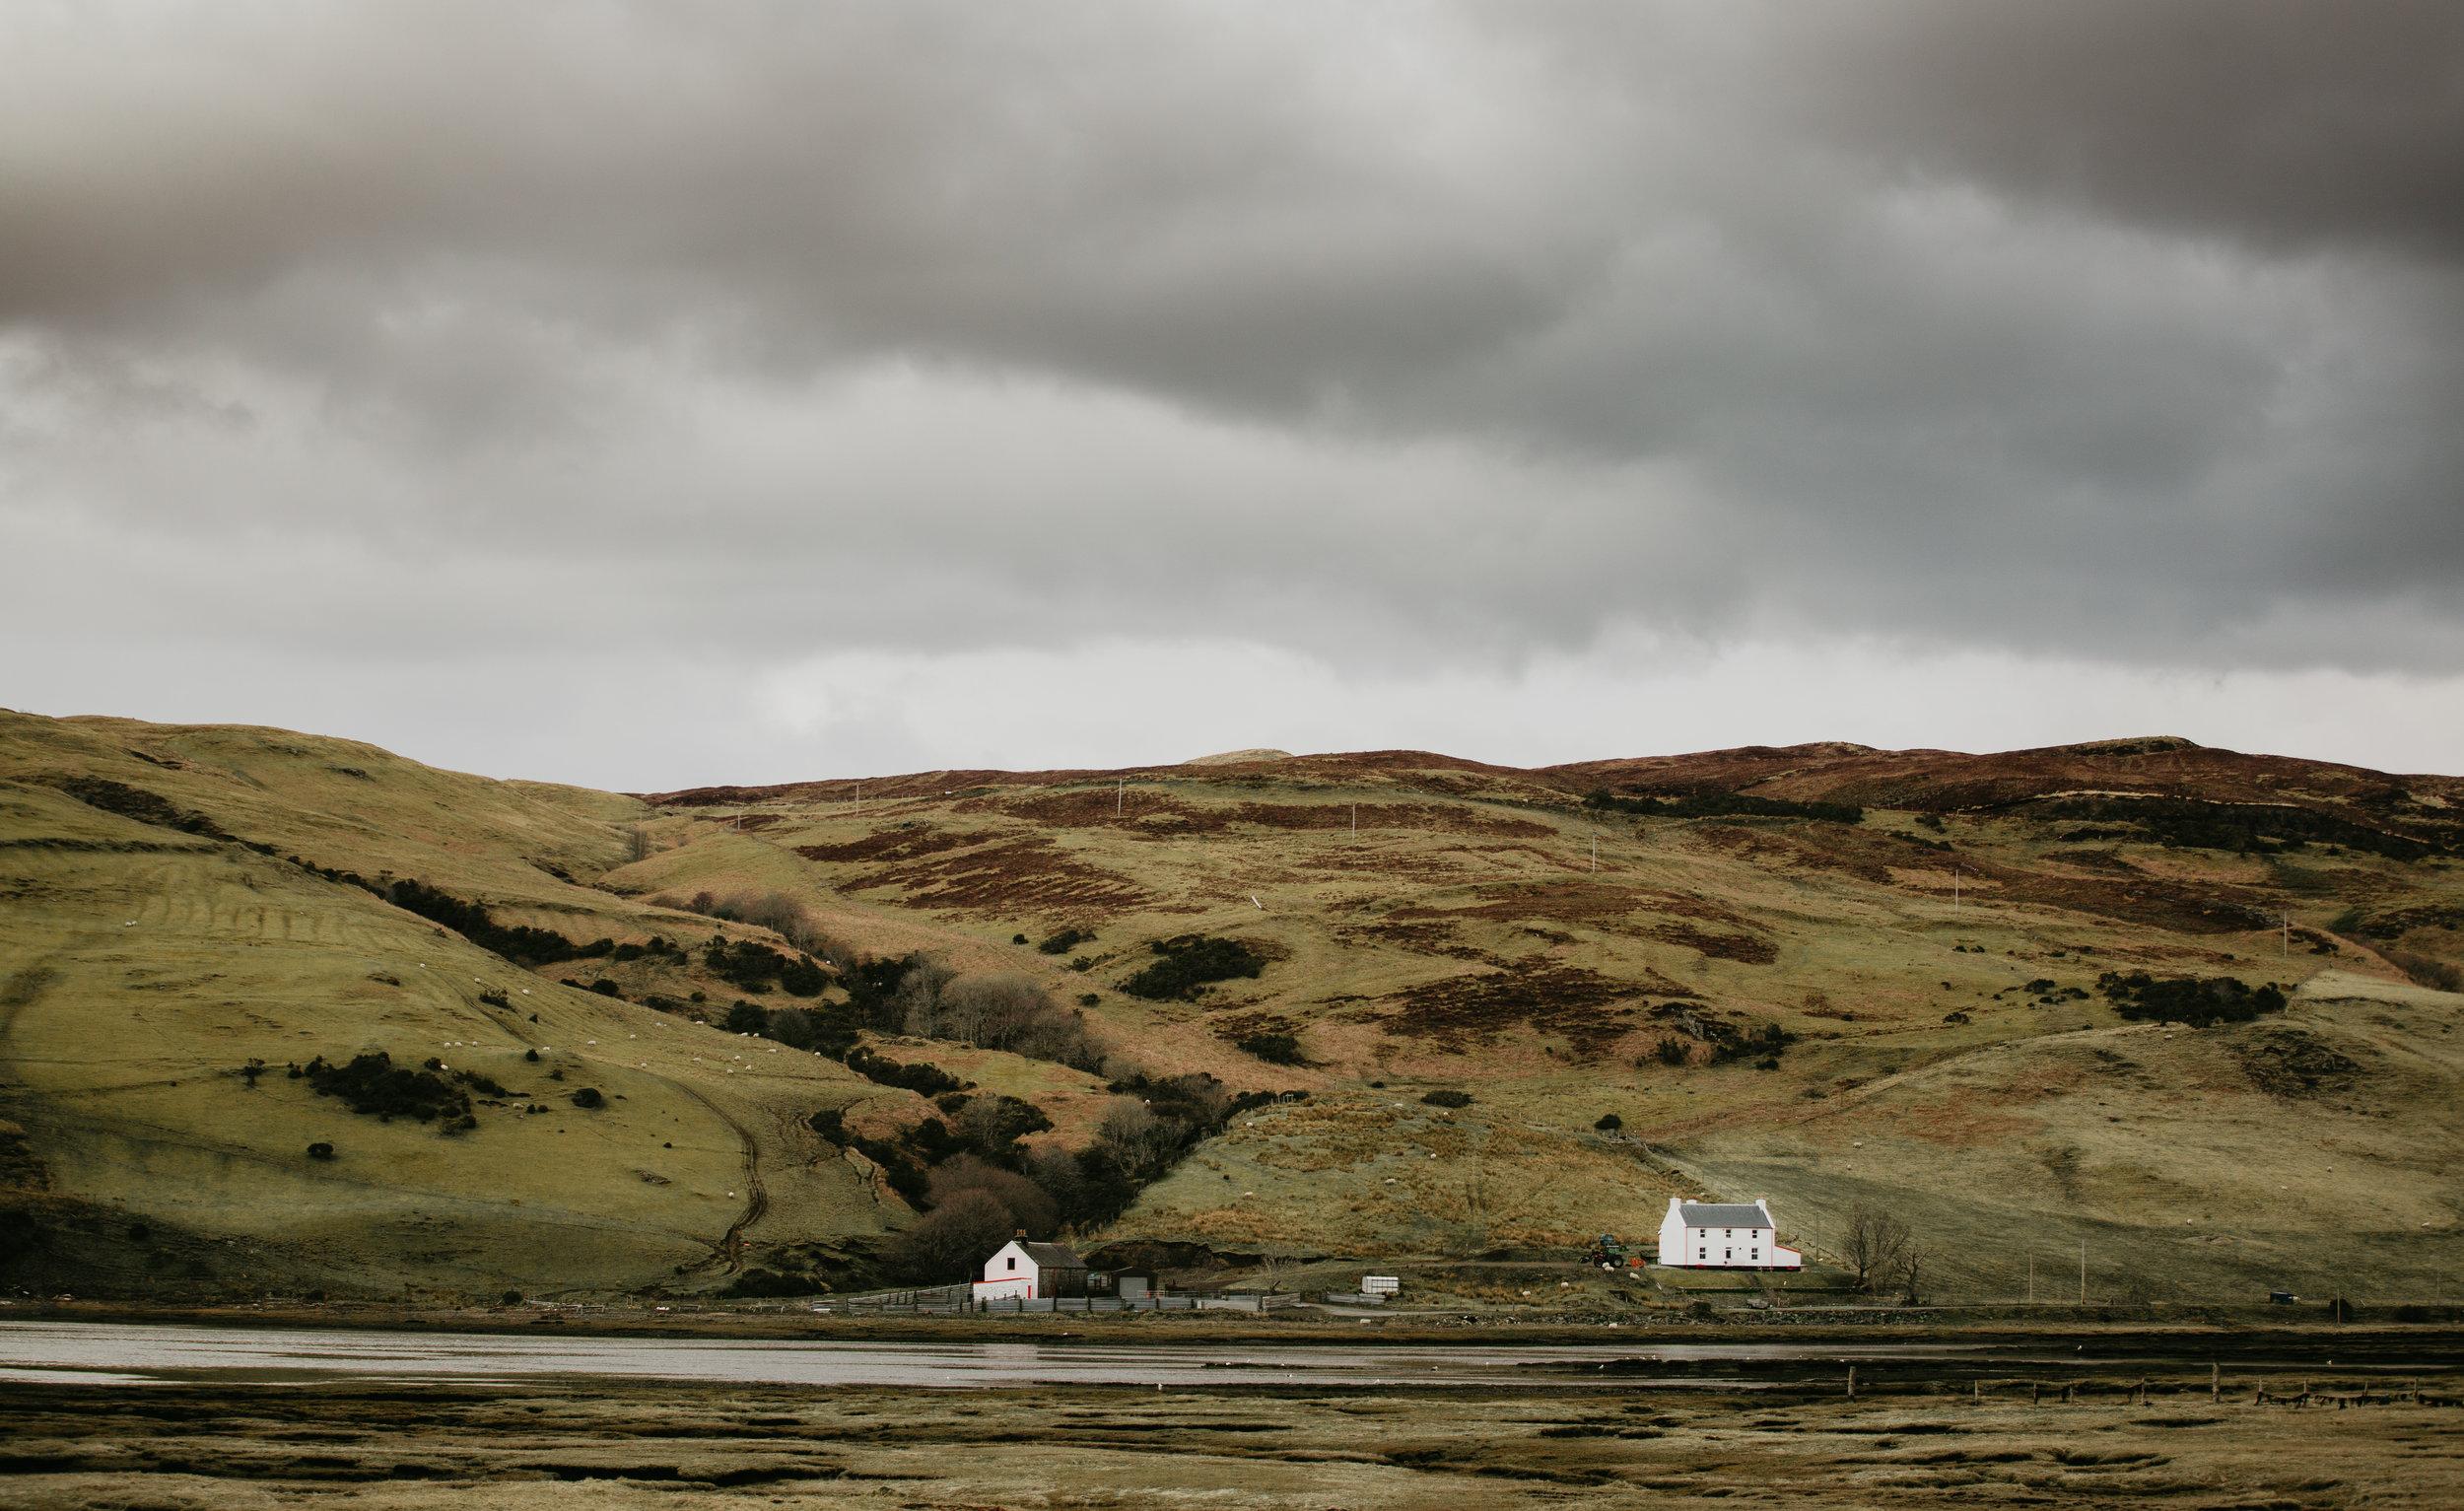 nicole-daacke-photography-scottish-highlands-elopement-wedding-photographer-isle-of-skye-elopement-photography-scotland-landscape-photography-culloden-inverness-stirling-destination-wedding-united-kindgom-wedding-photographer-35.jpg